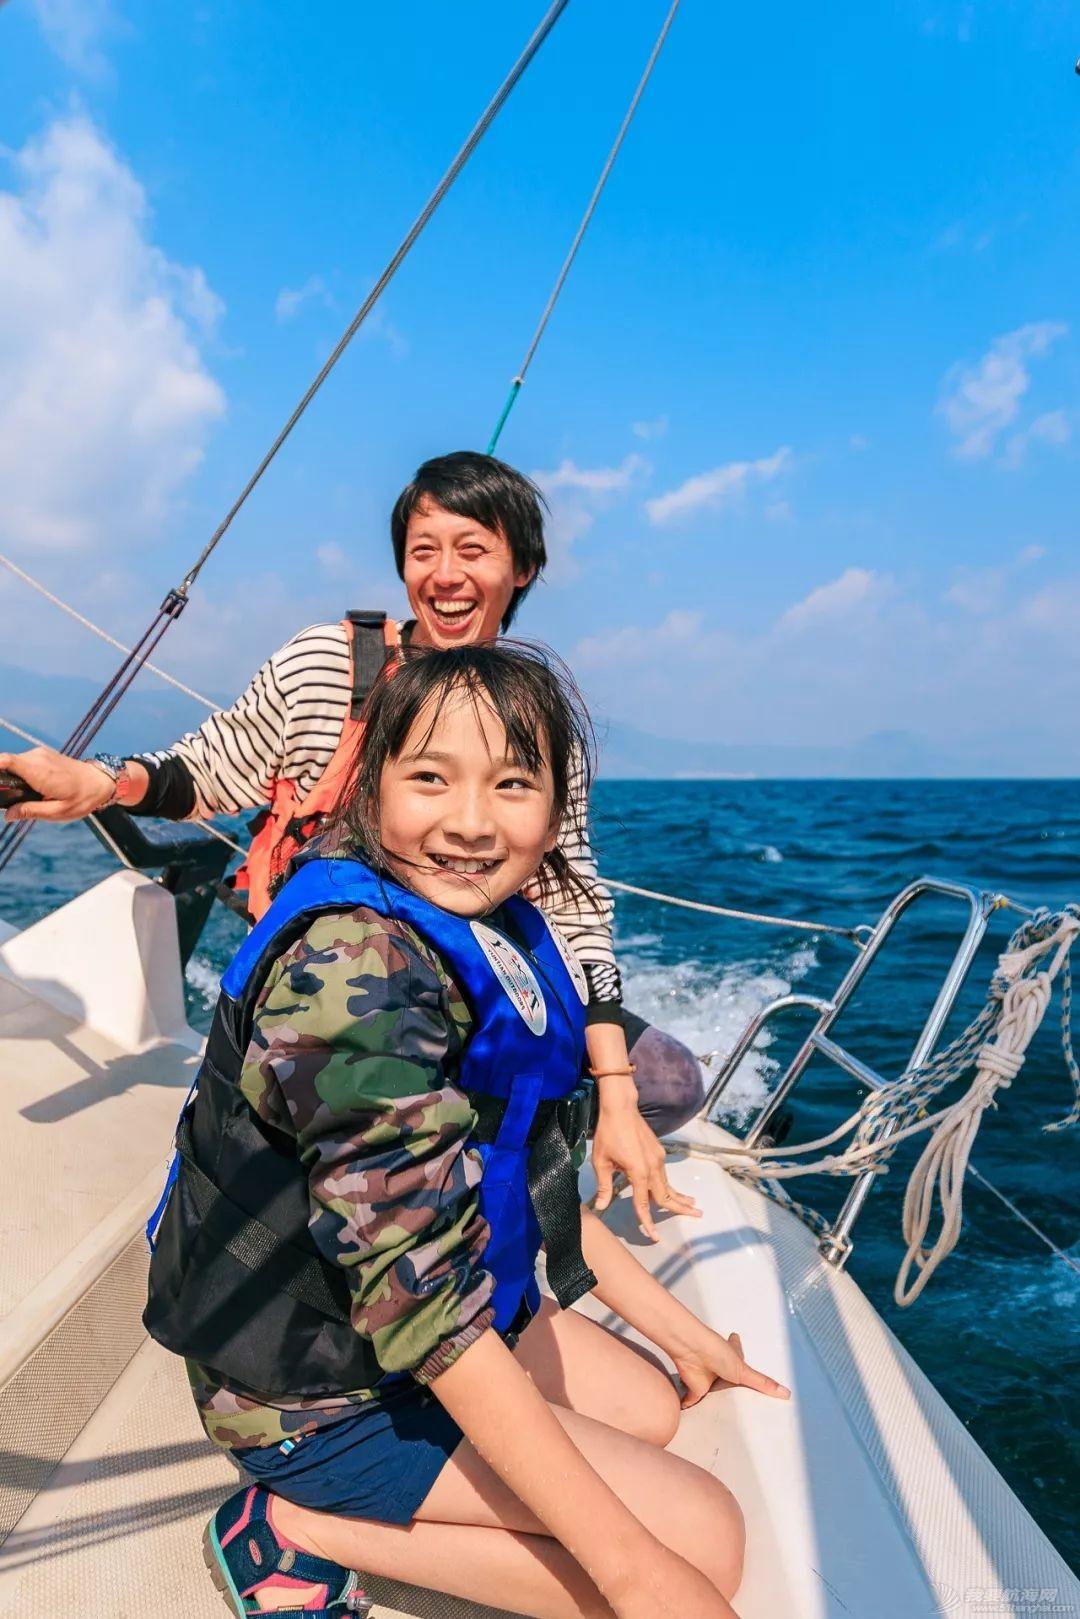 来「天空之海」和我们一起扬帆w3.jpg